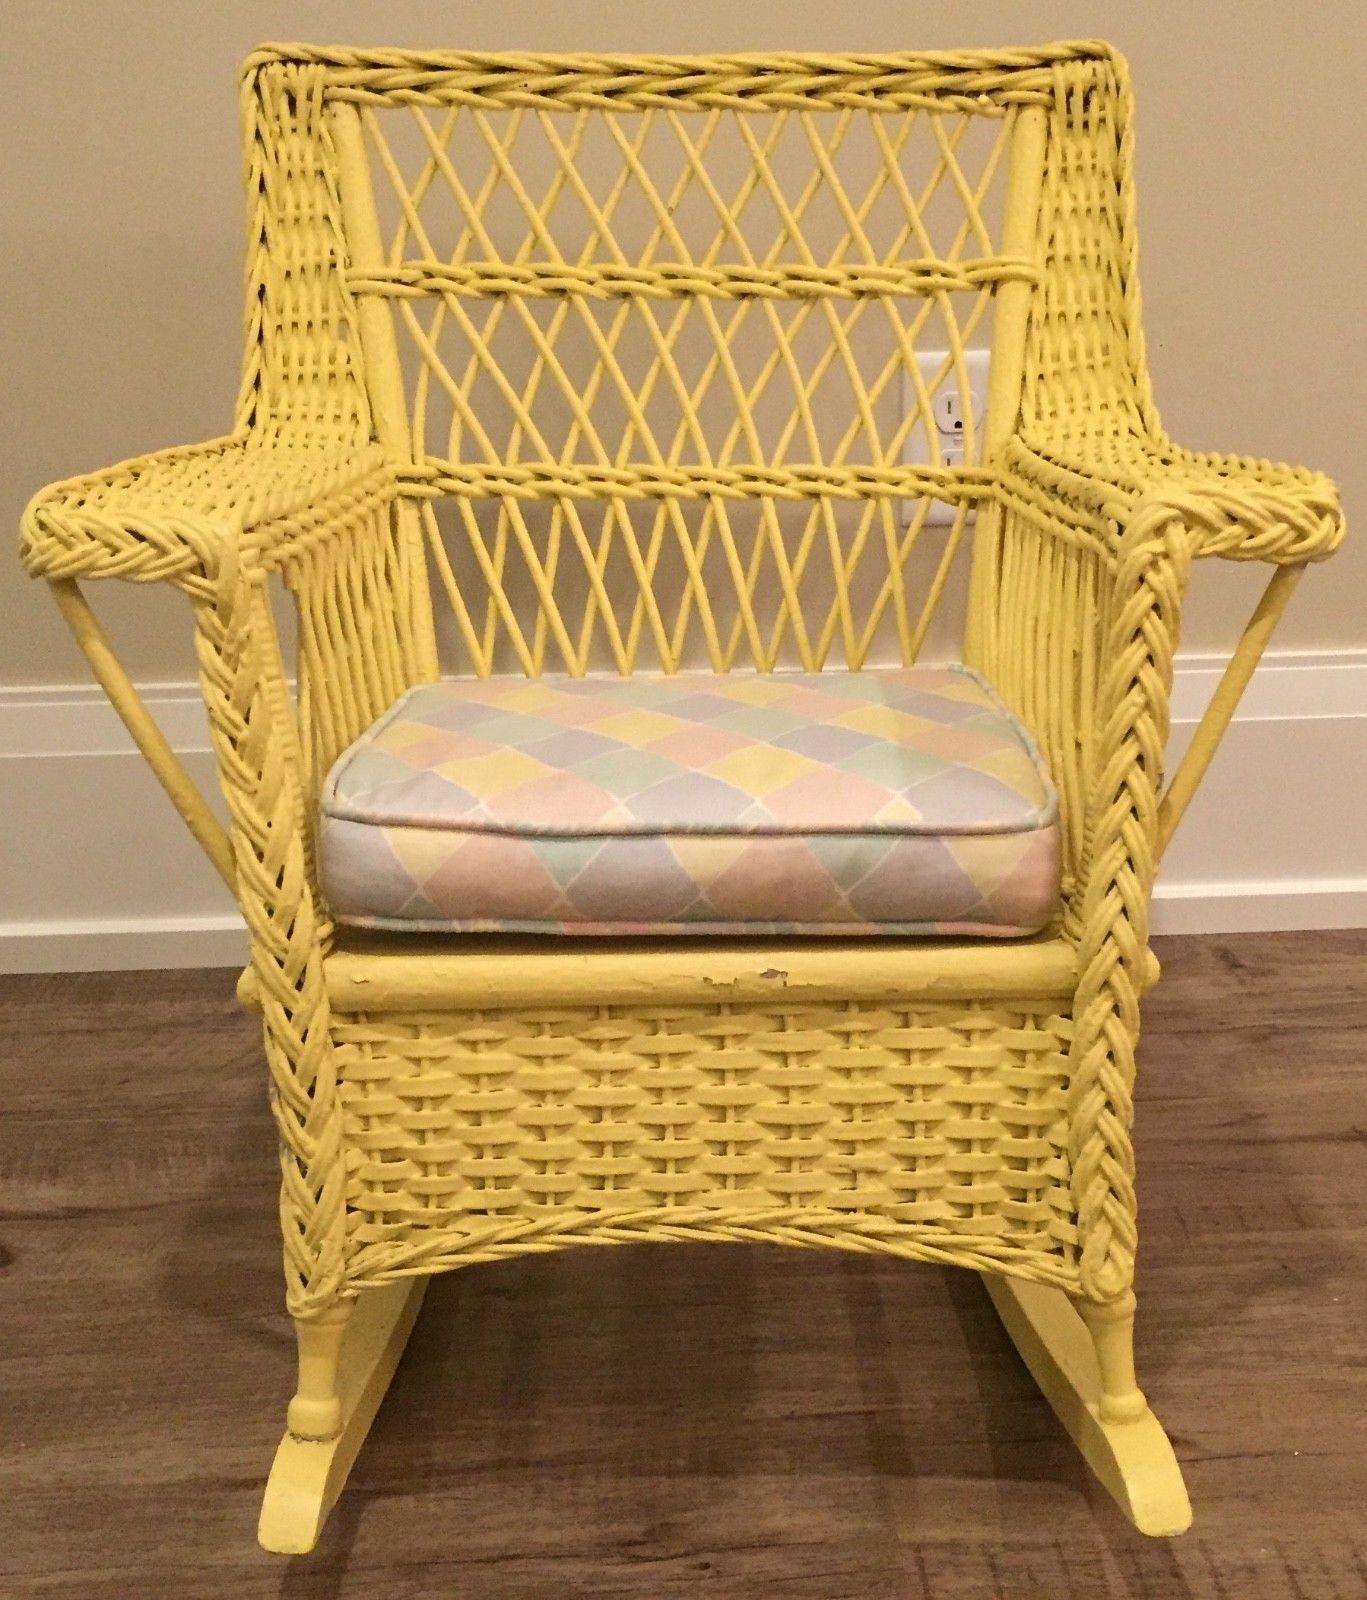 Antique Wicker Child's Rocker Rocking Chair 1930's Vintage Yellow Oh Within Antique Wicker Rocking Chairs (#1 of 15)